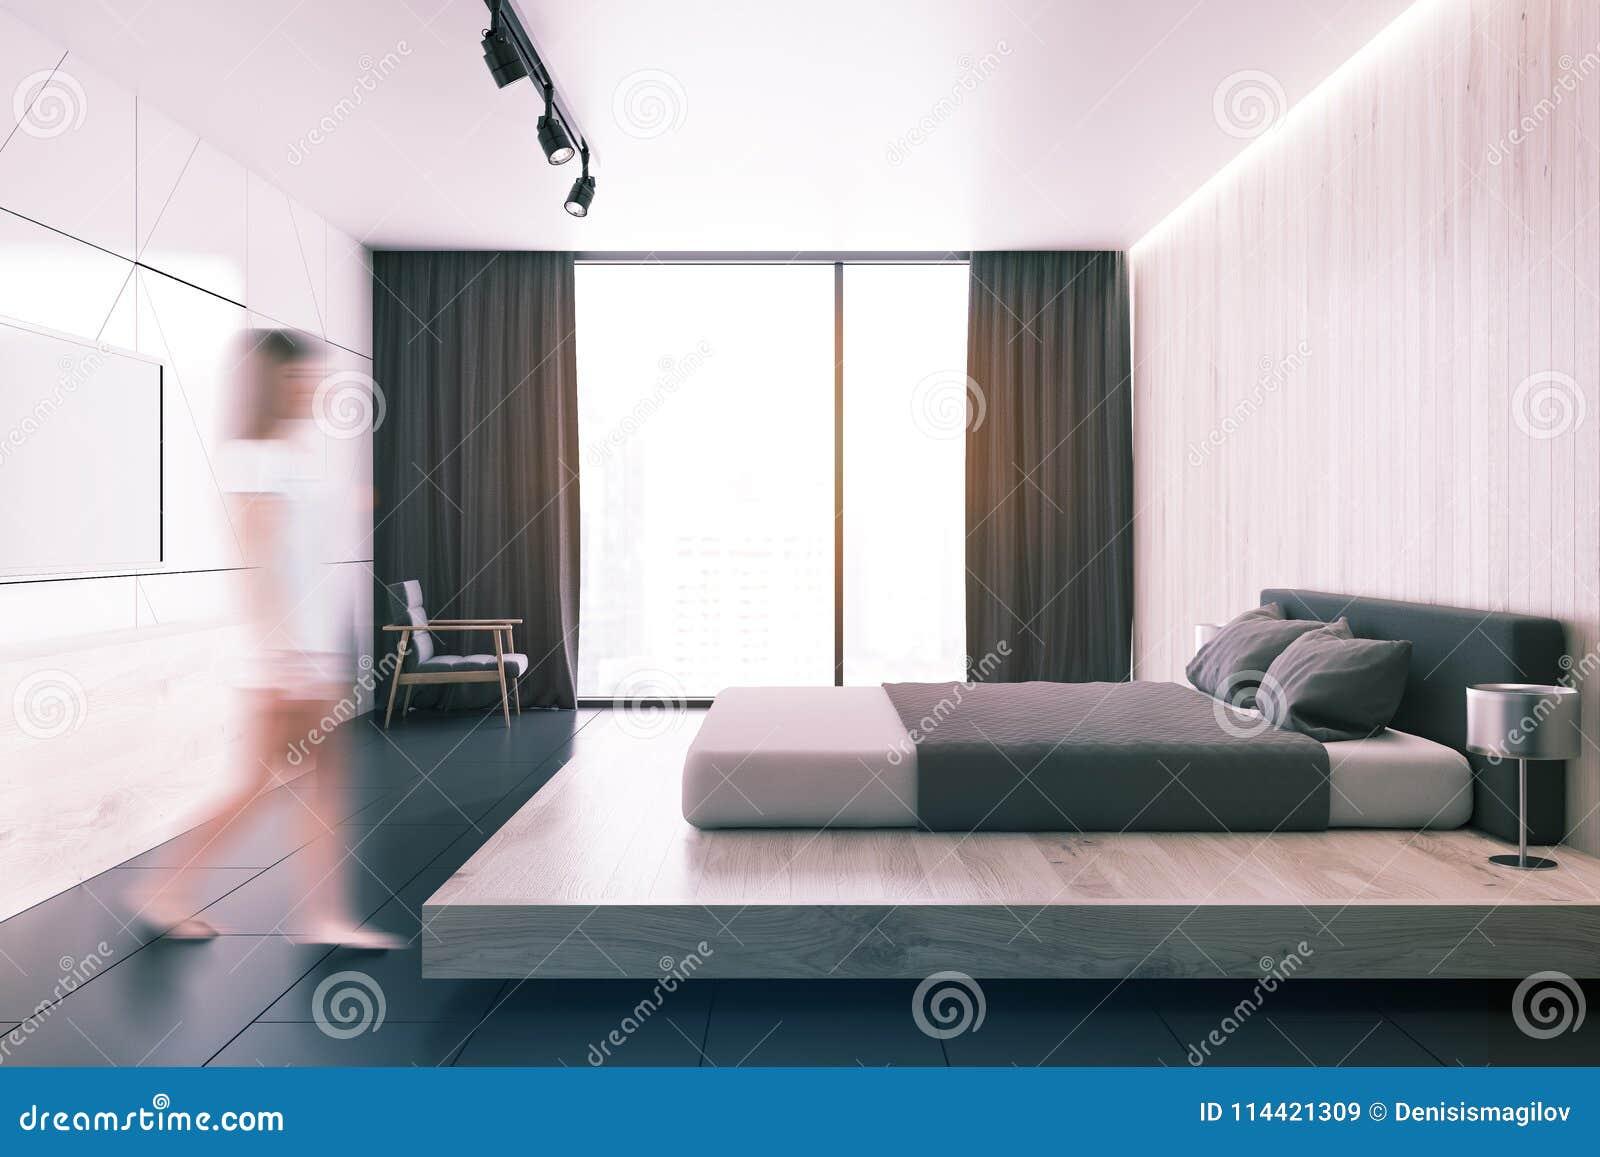 Weißes Dachbodenschlafzimmer mit einem Fernseher eine Seitenansicht getont